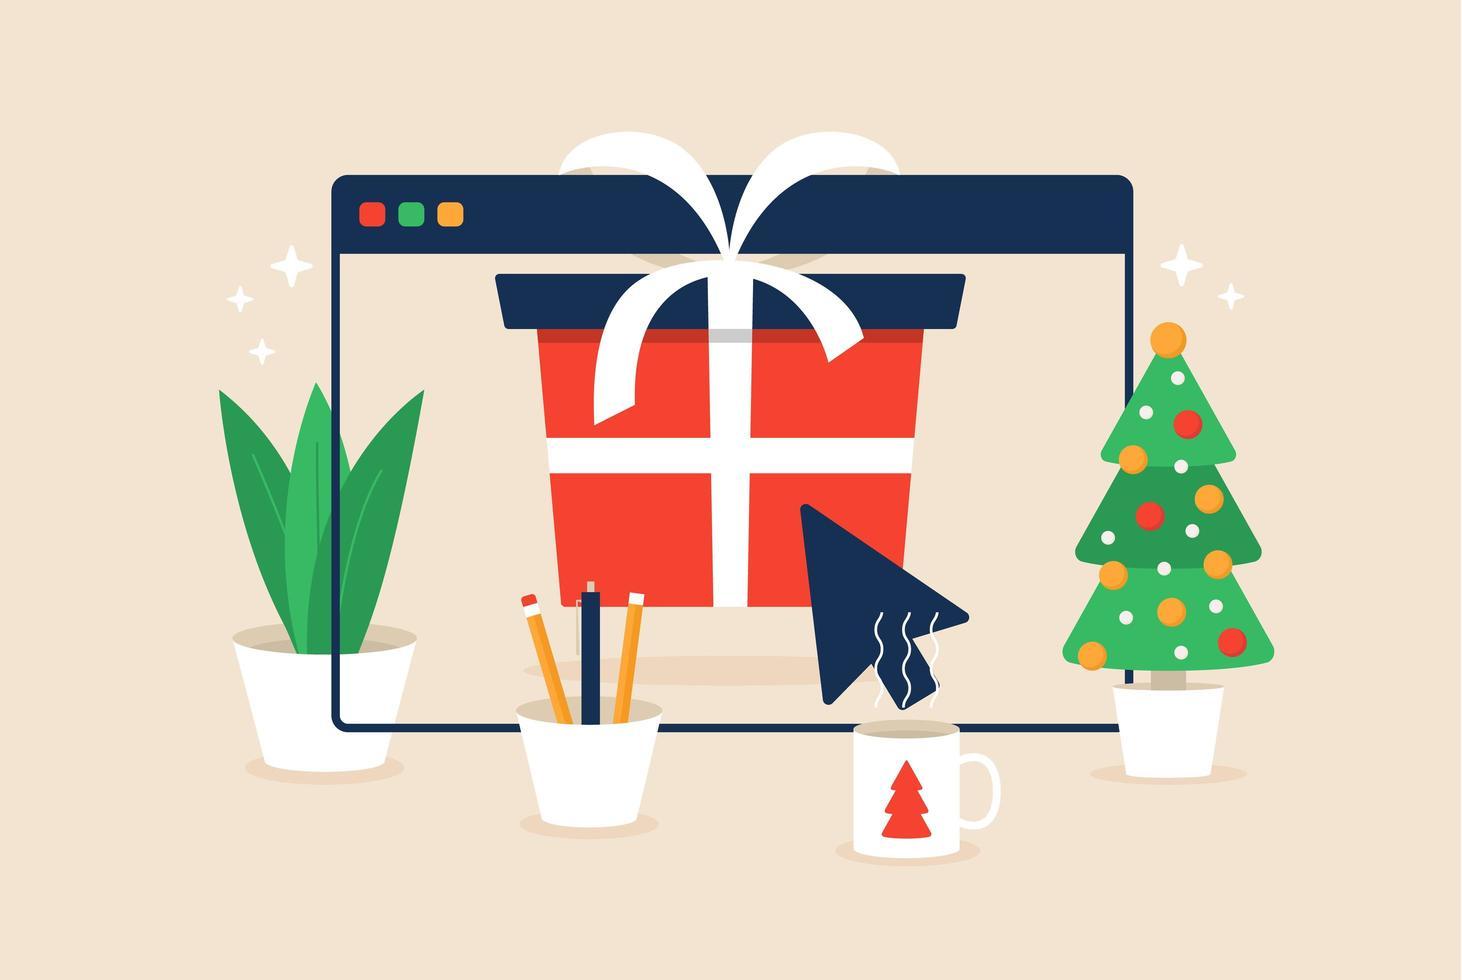 diseño de compras en línea de navidad con regalo en la ventana del navegador vector